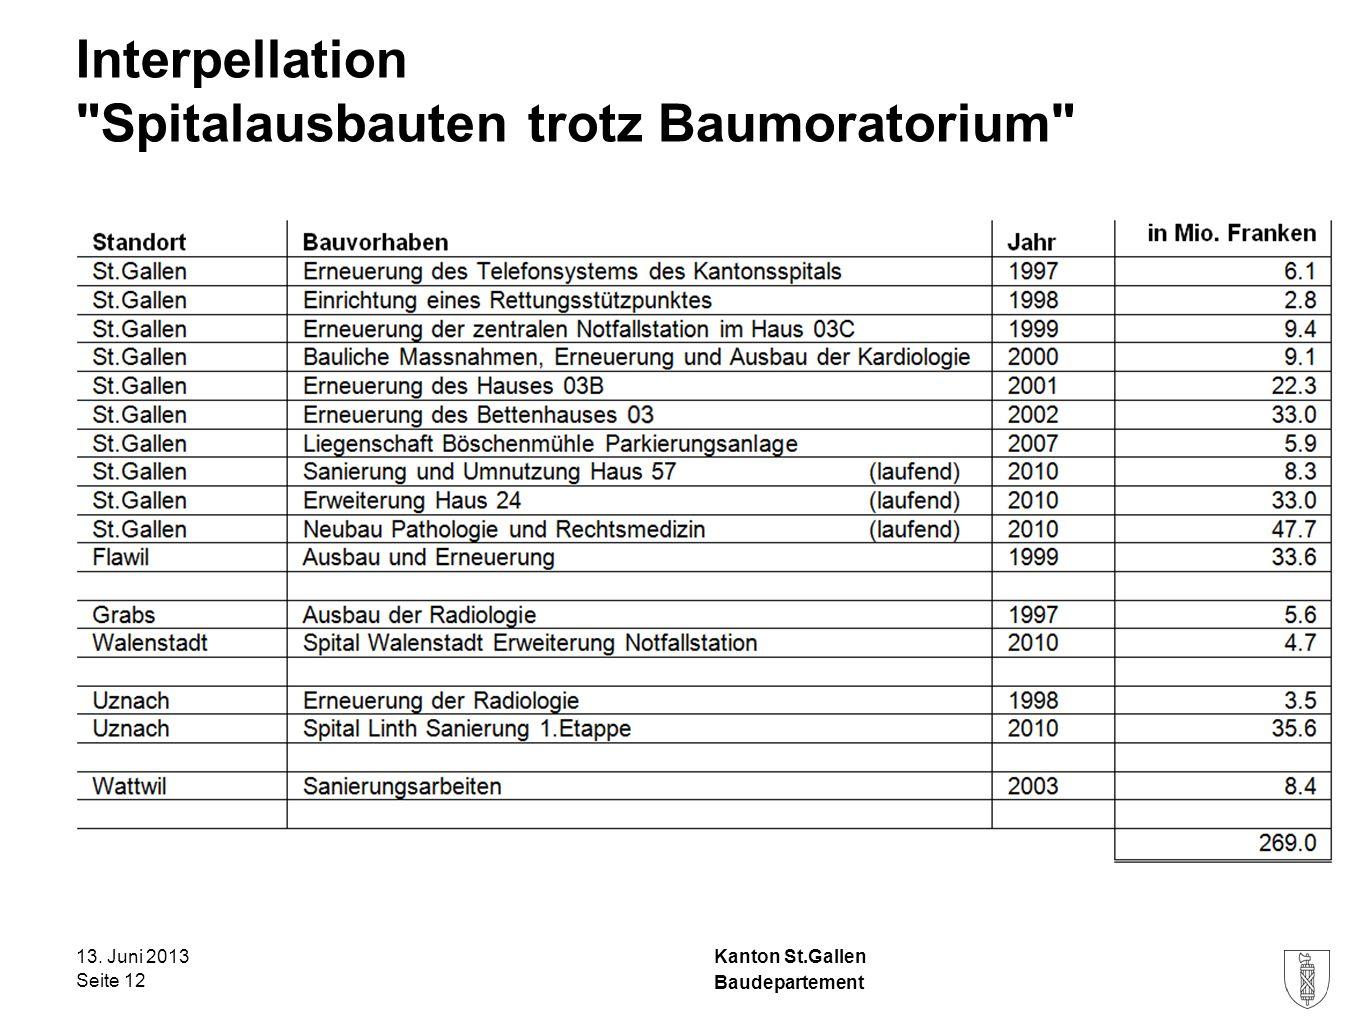 Kanton St.Gallen Interpellation Spitalausbauten trotz Baumoratorium 13.